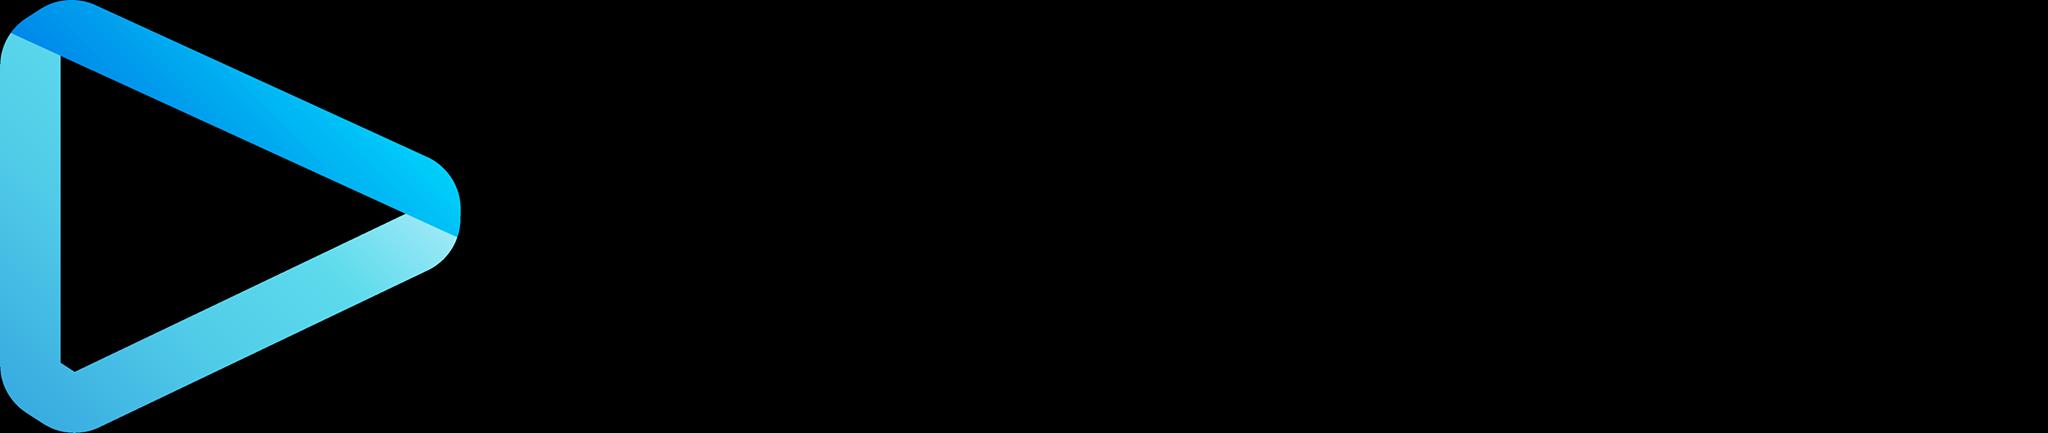 カバー株式会社 求人情報・中途採用【スキルアップを目指す方へ】1on1転職相談会・求人紹介